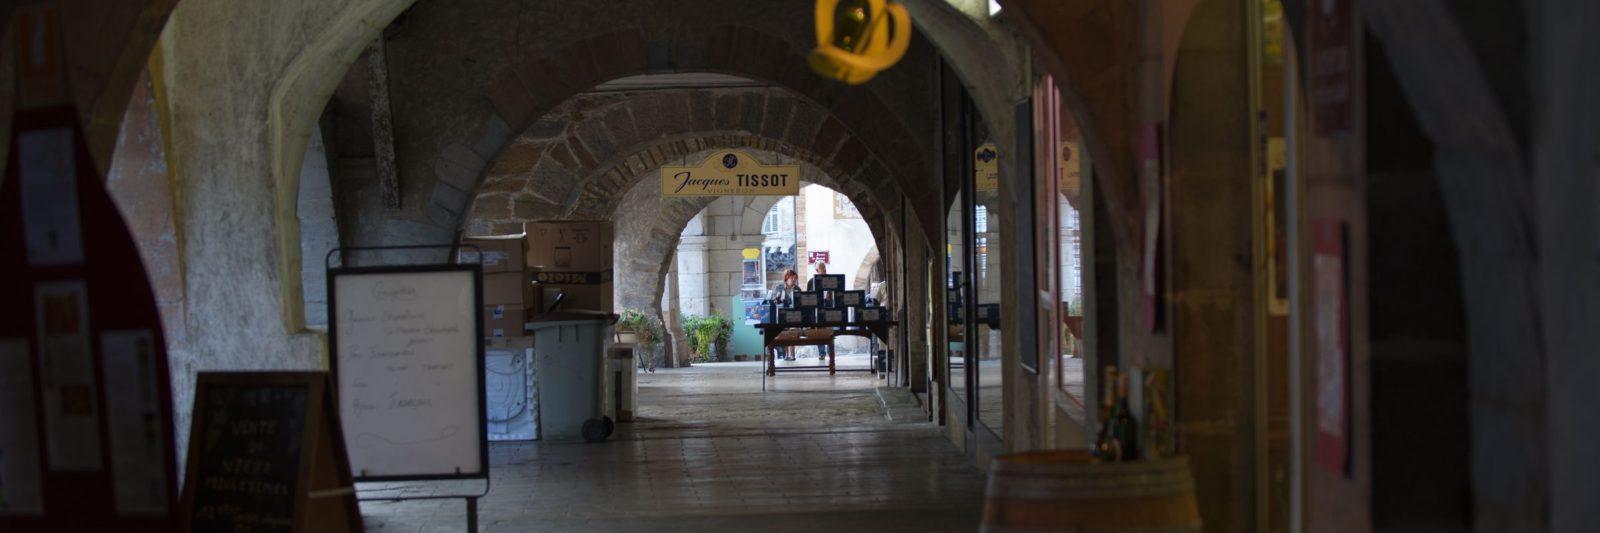 Arcades Arbois